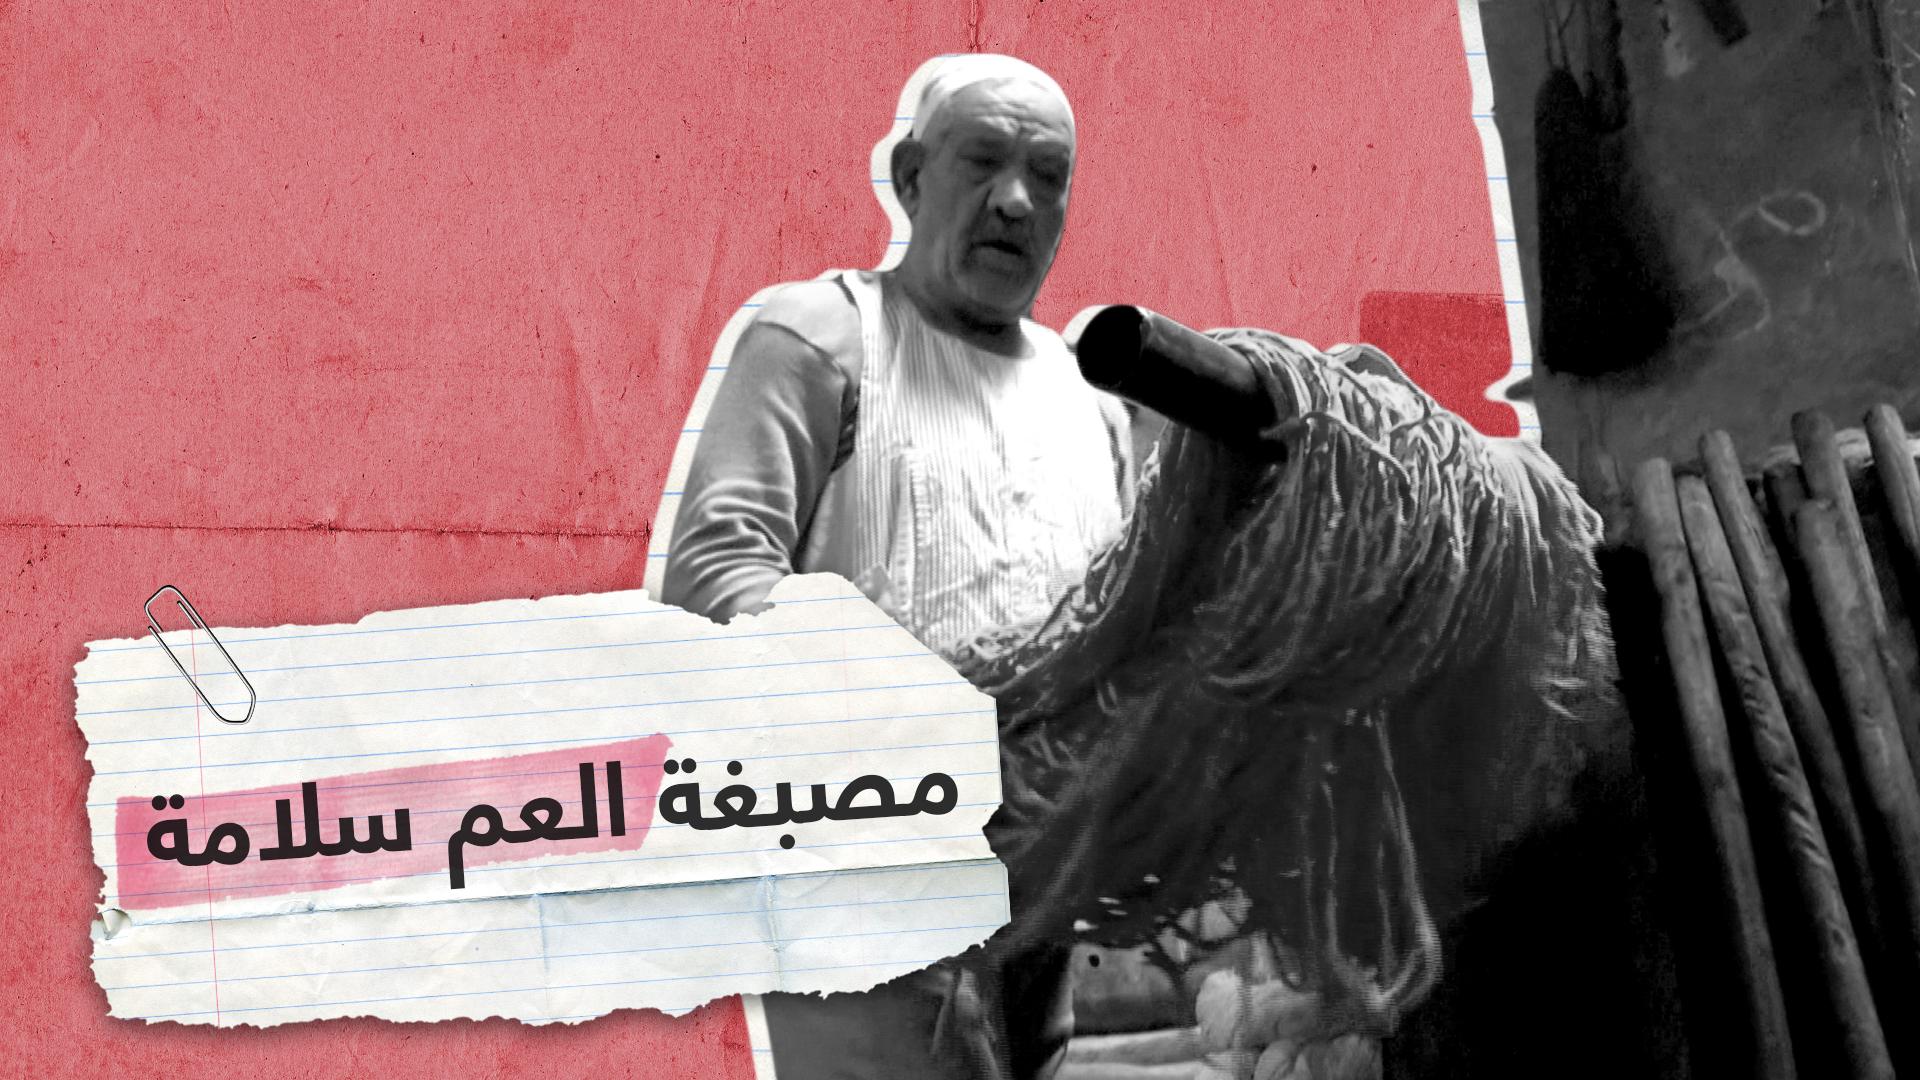 مقصد كل مصر.. آخر المصابغ اليدوية في القاهرة